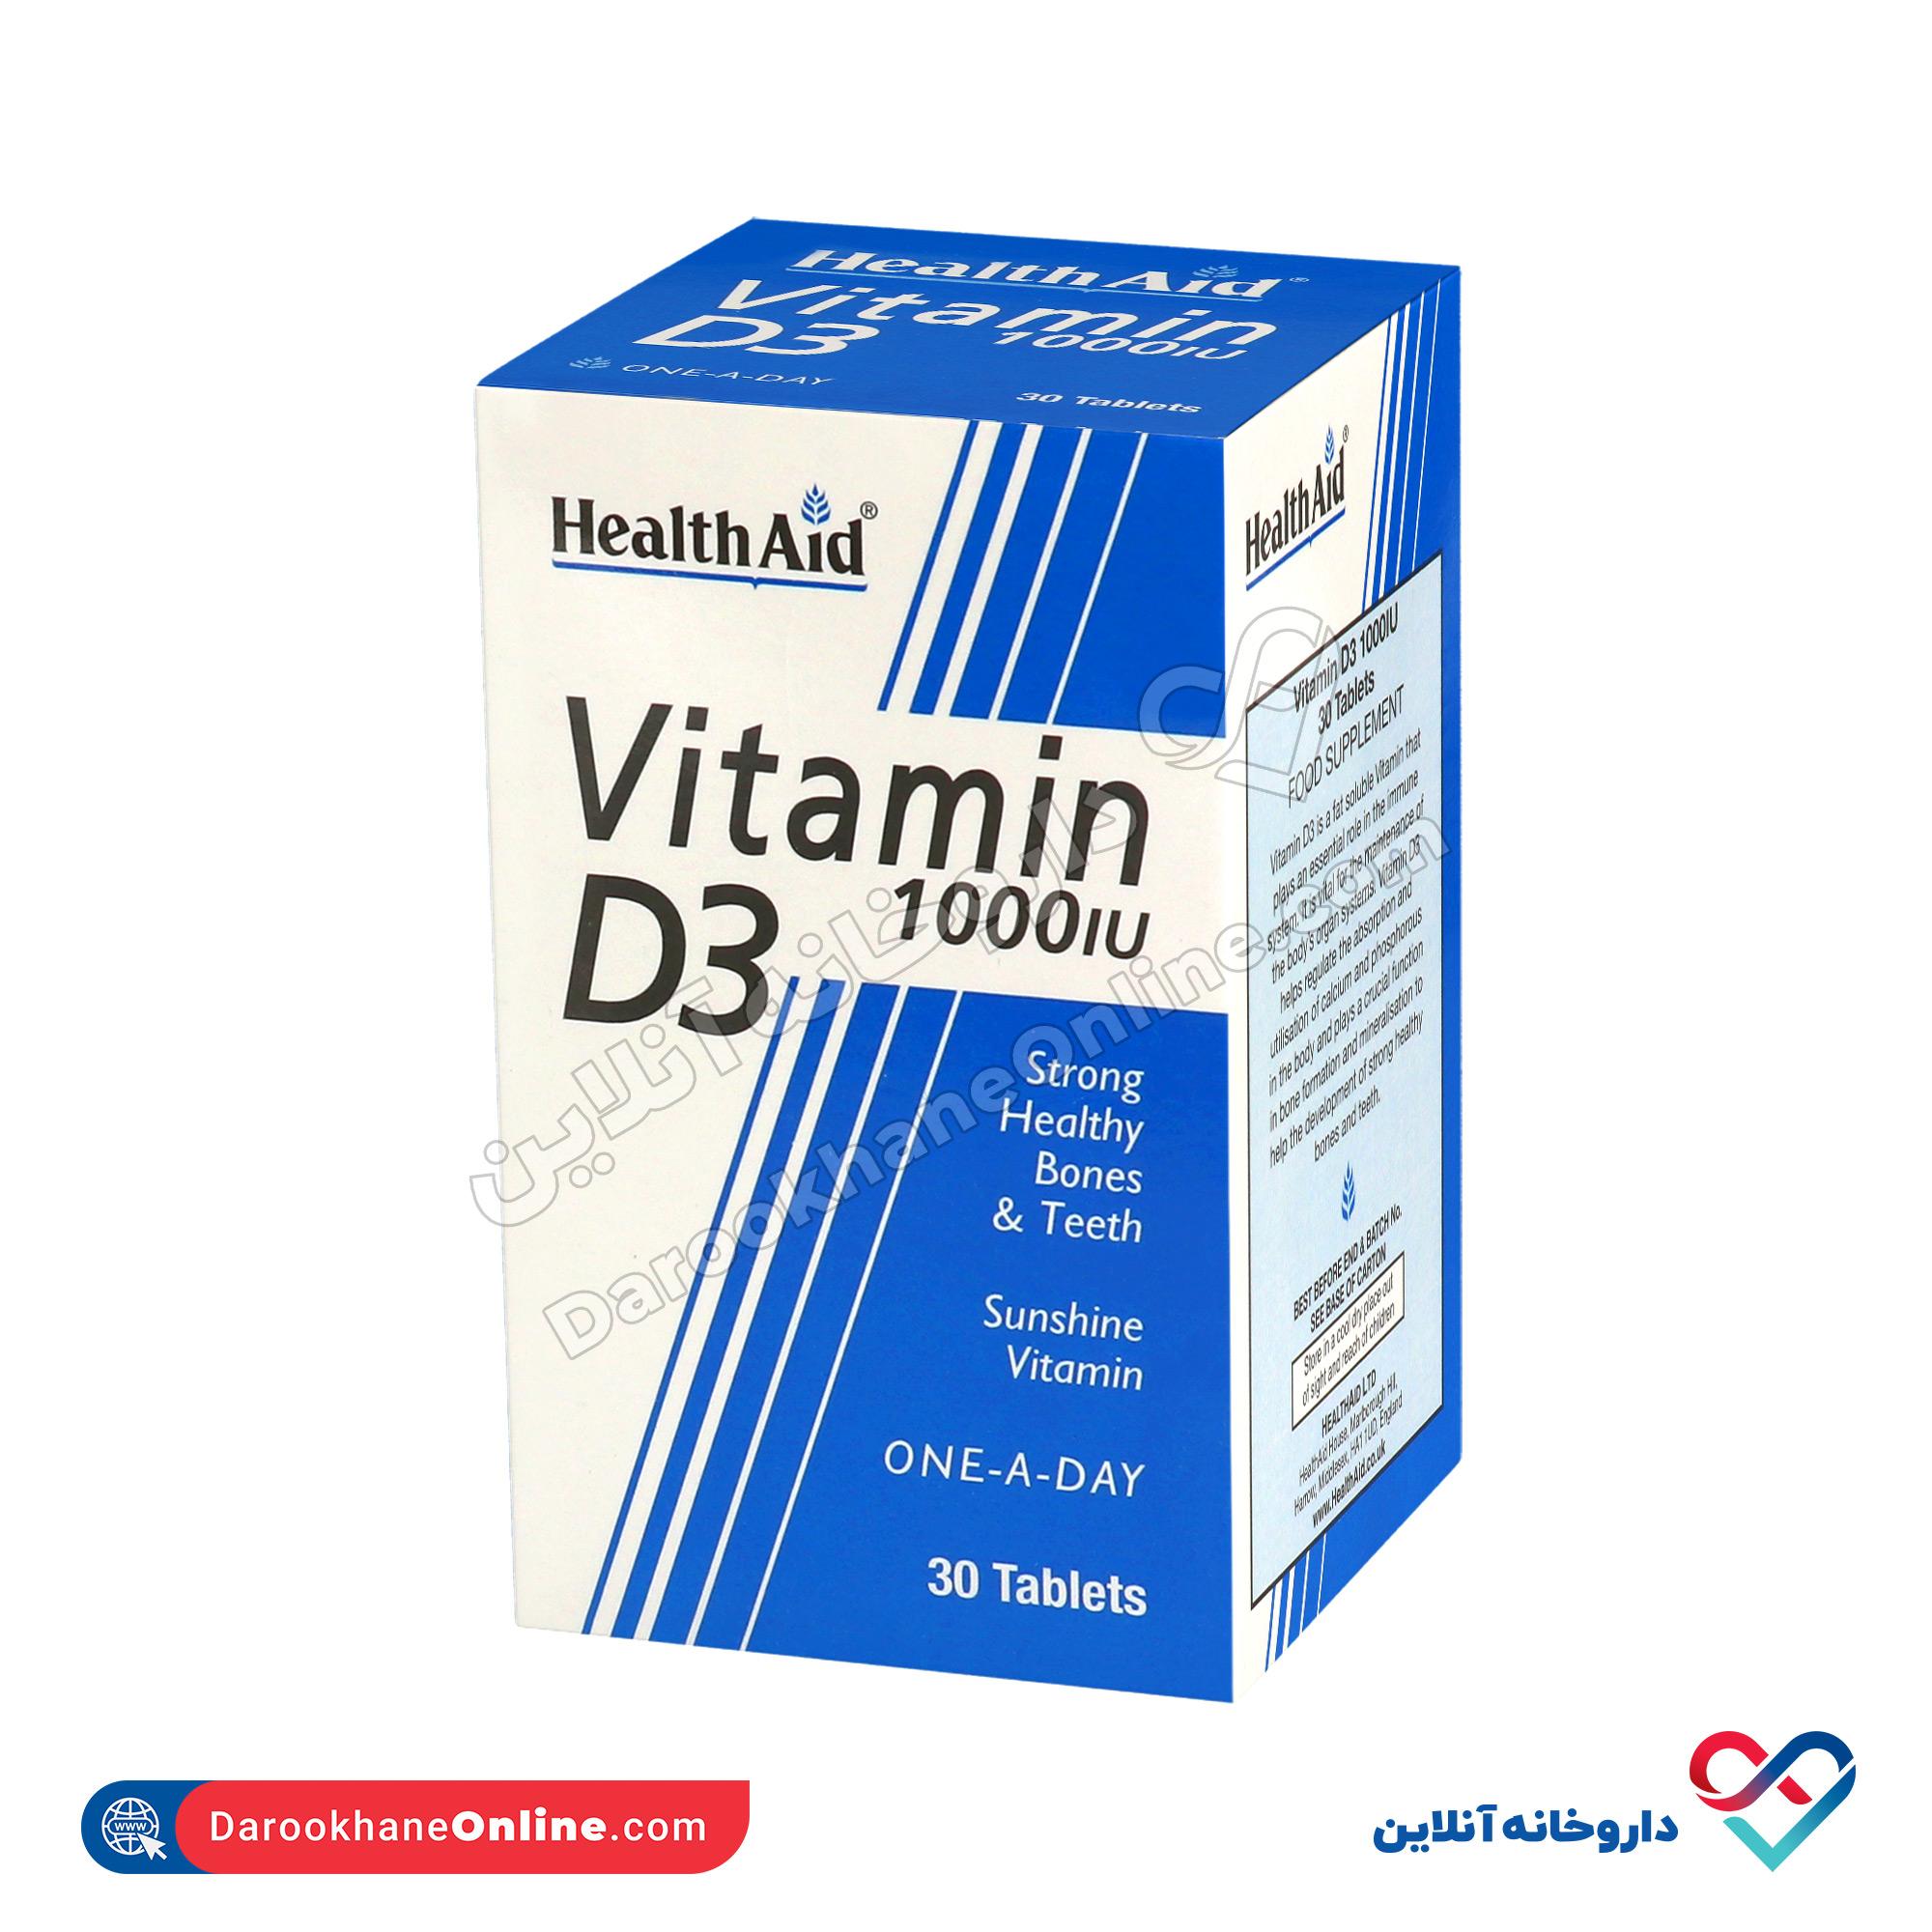 قرص ویتامین D3 1000 هلث اید | 30 عدد | تقویت استخوان و جلوگیری از پوکی استخوان